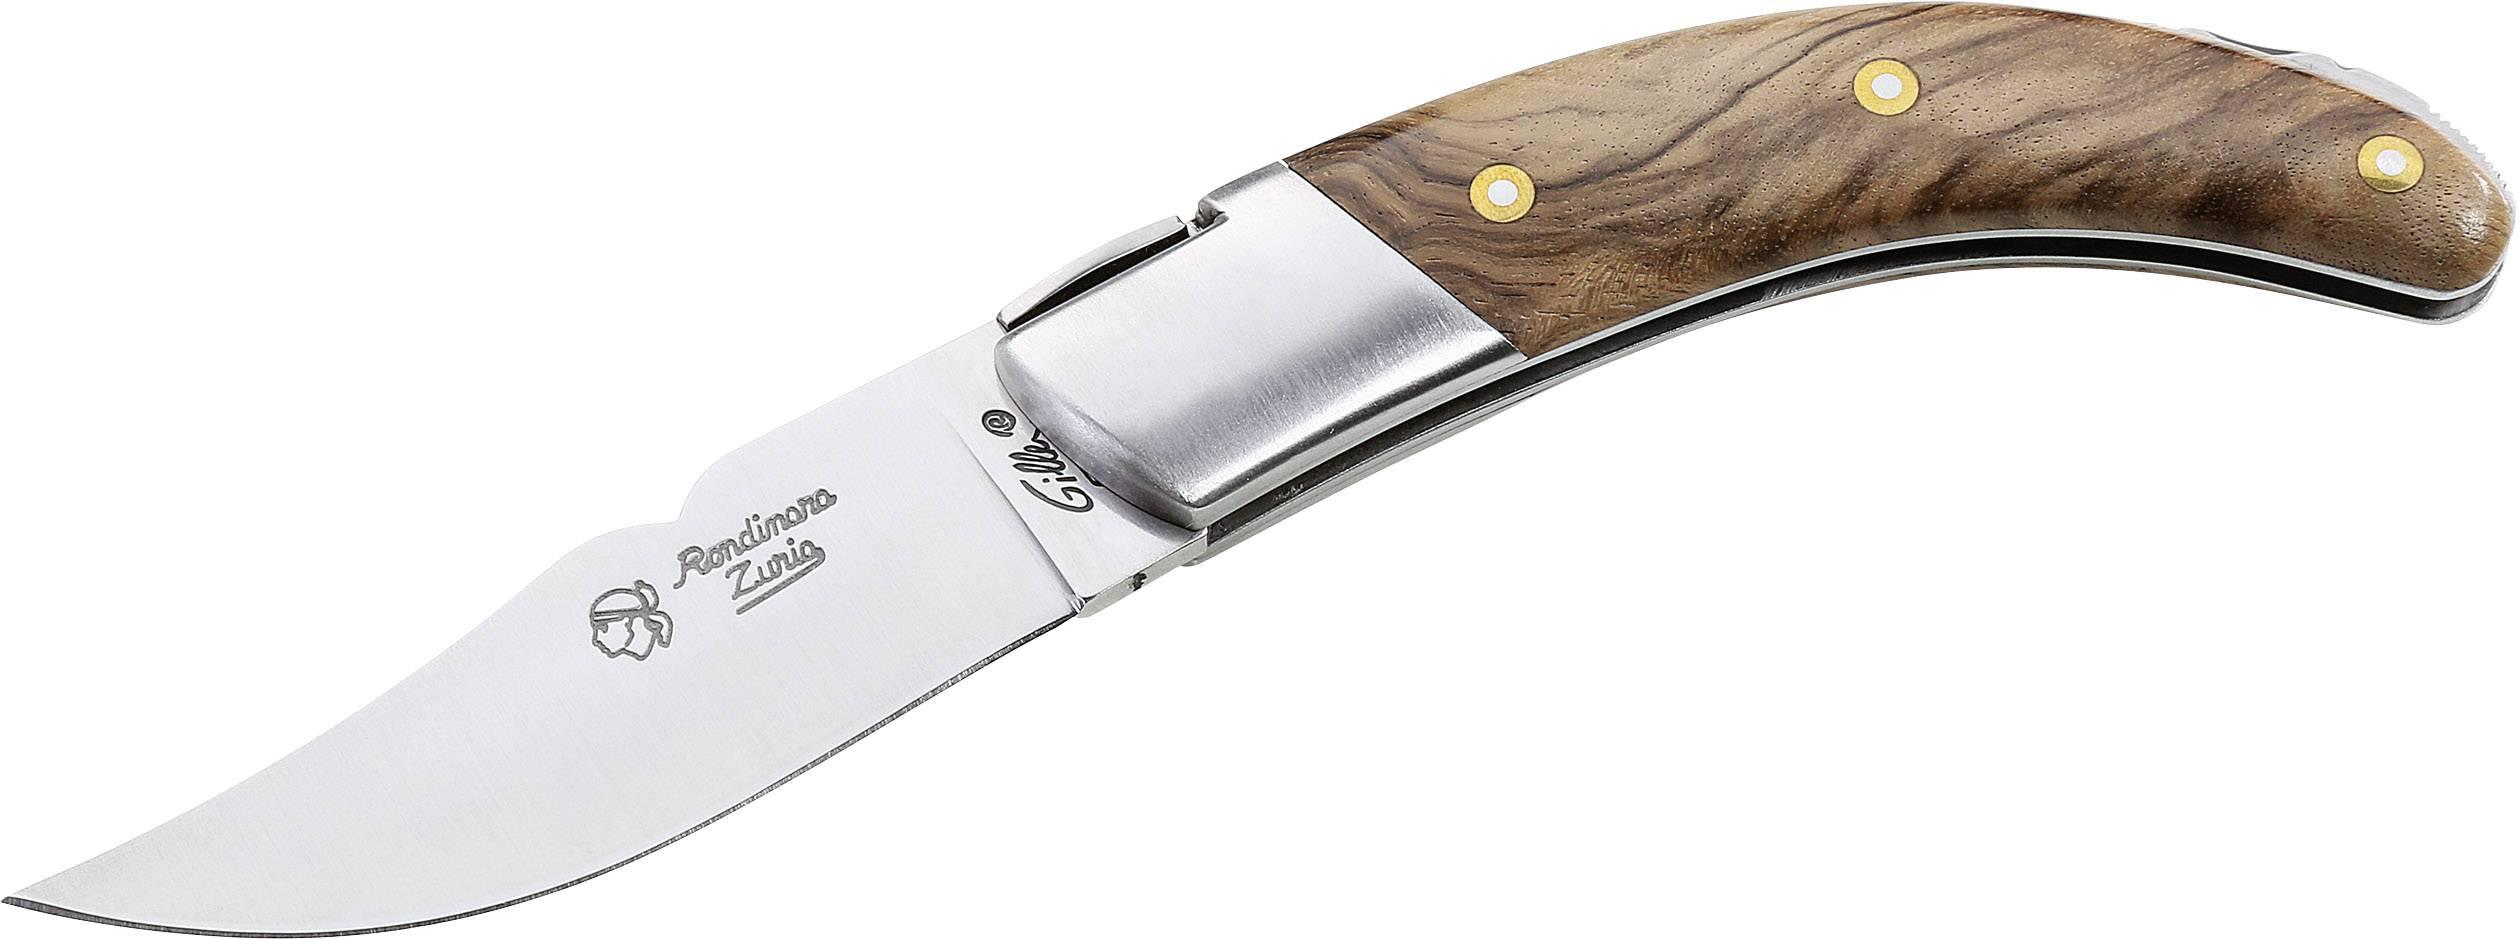 Kapesní nůž Fontenille Pantaud RONDIARA 244112, ořechová